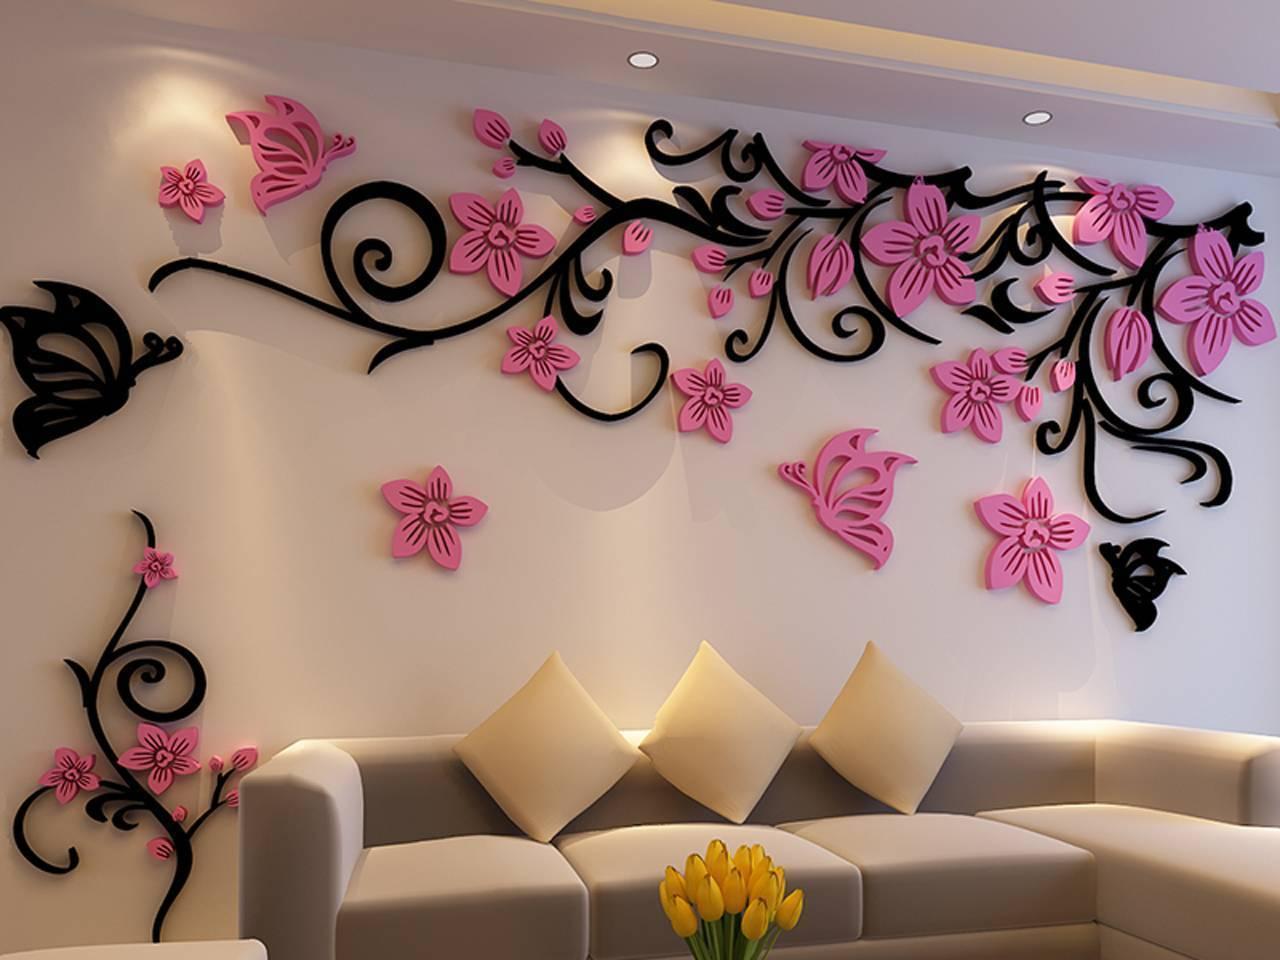 Оригинальный декор своими руками: современные идеи для стильного украшения квартиры и дома (110 фото)